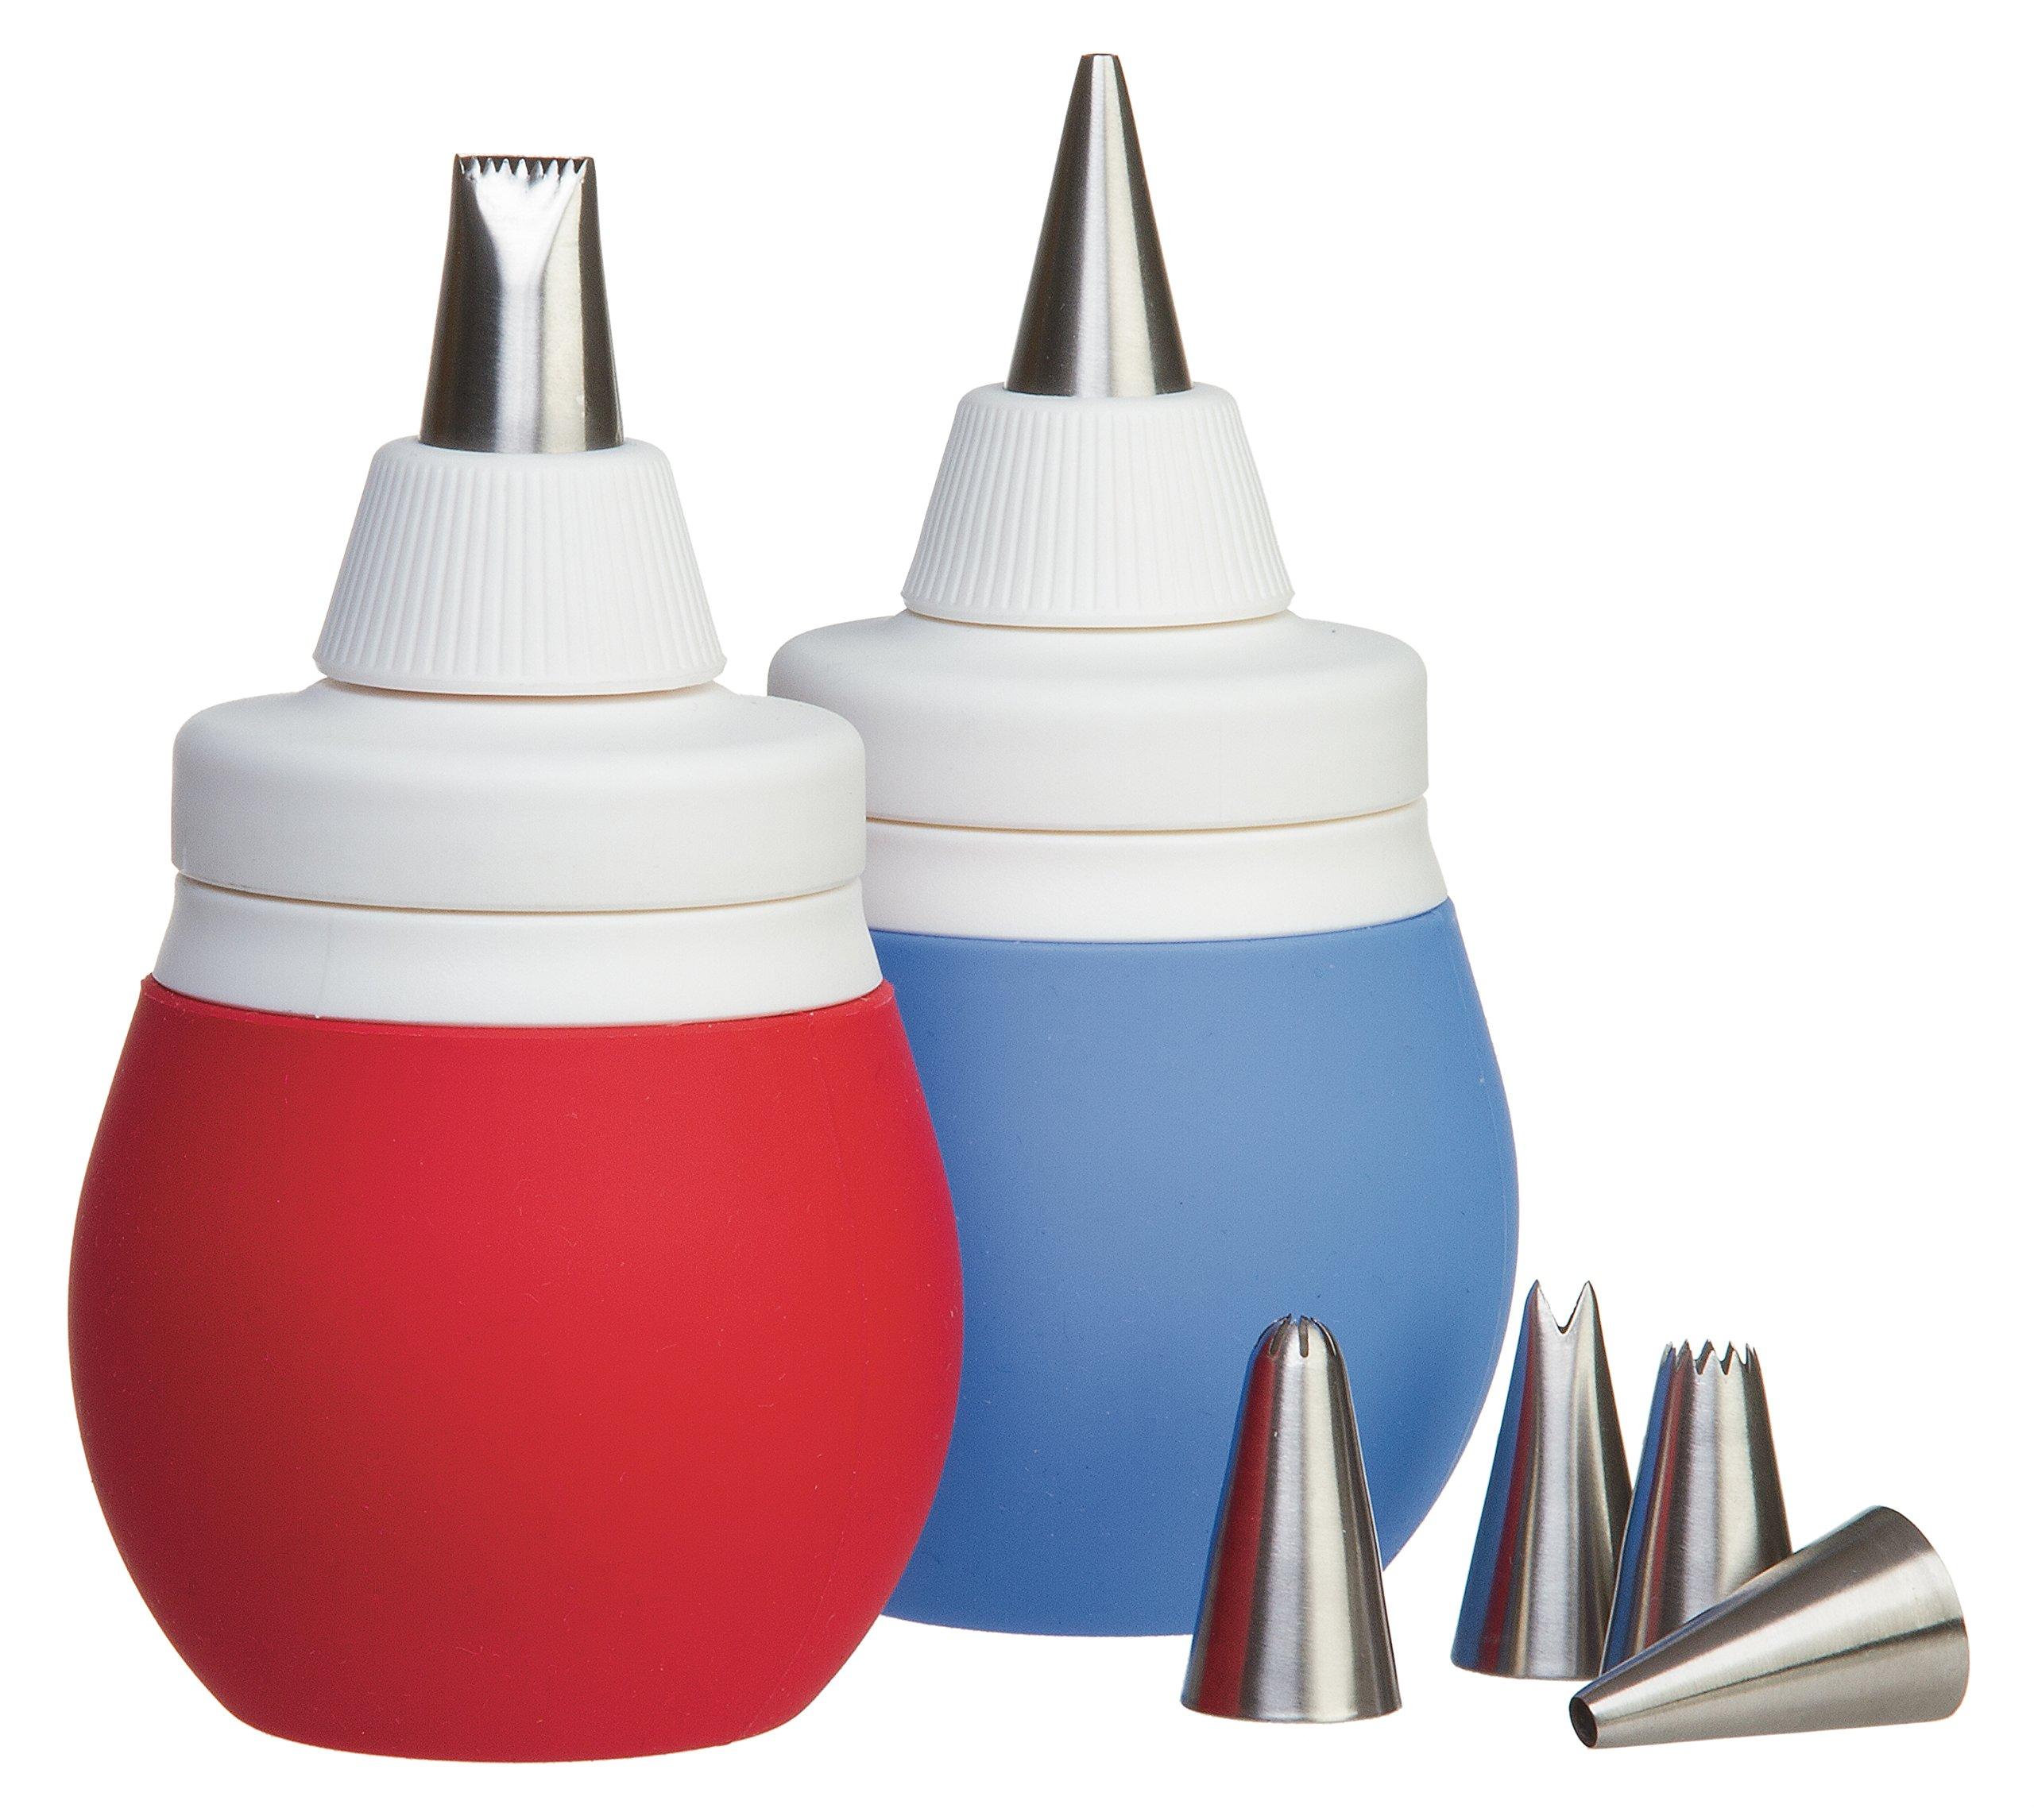 Prepworks by Progressive 8-Piece Frosting Bulb Decorating Kit by Prepworks from Progressive